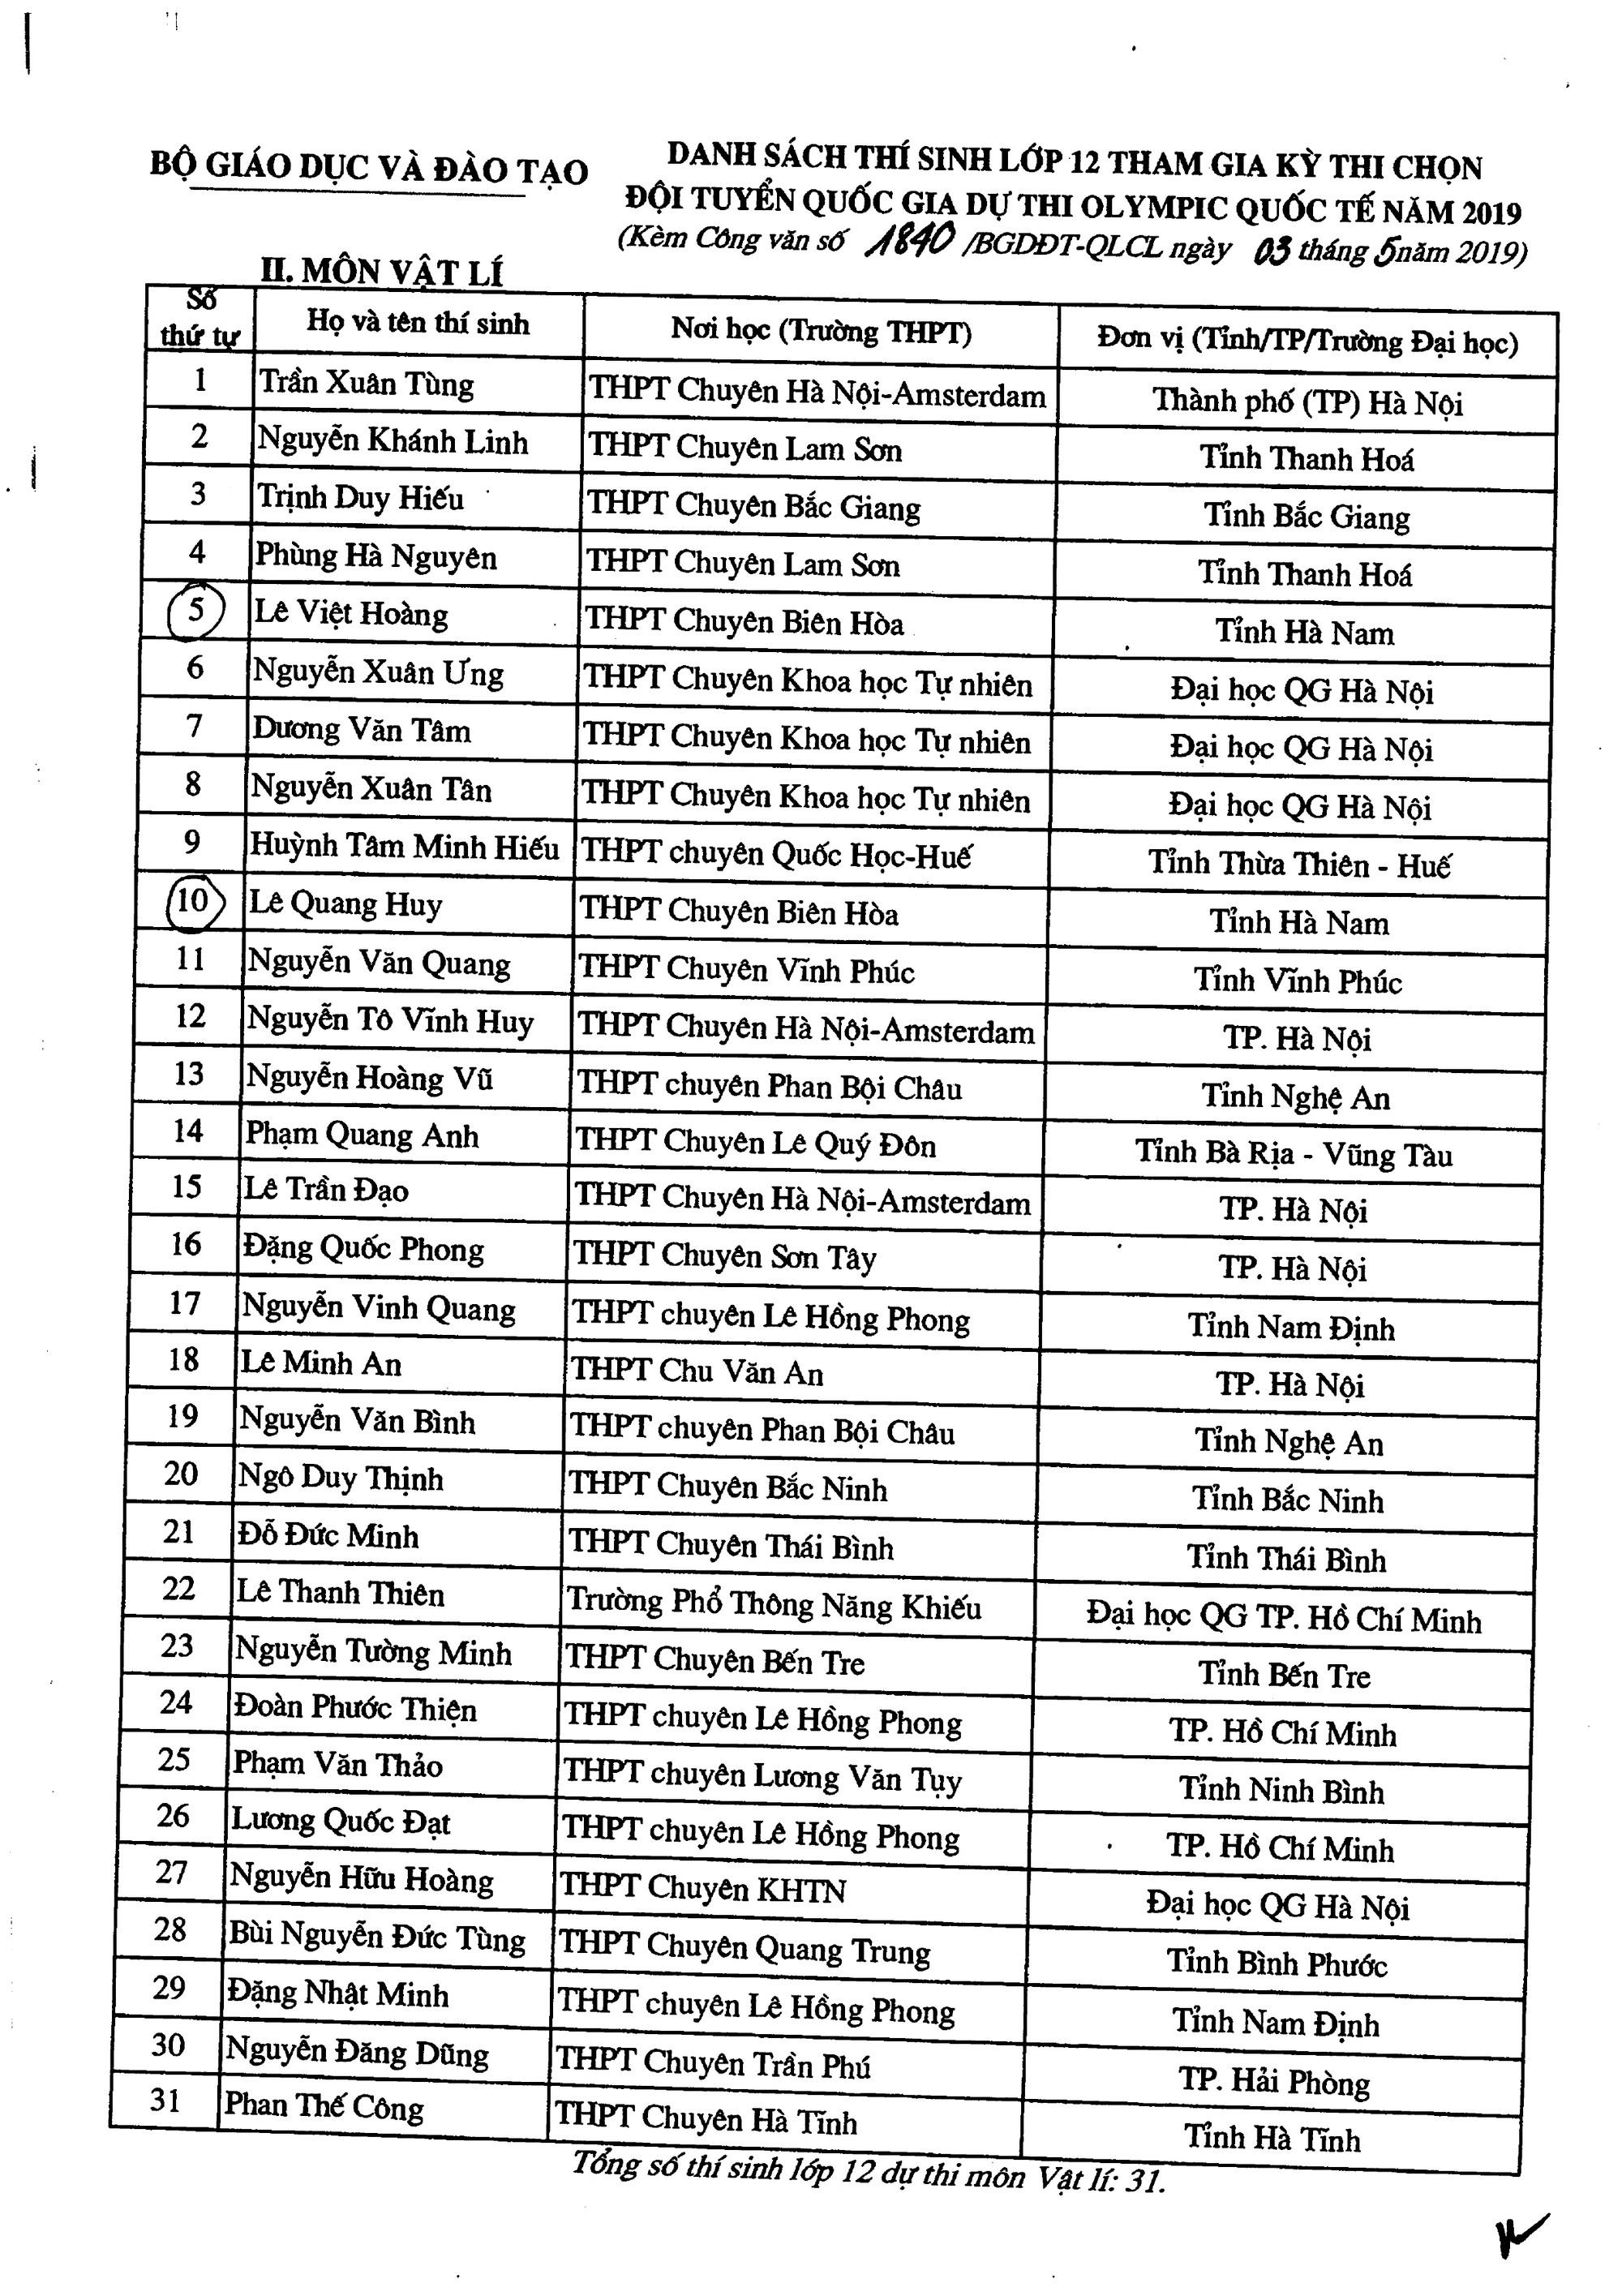 Danh sách 134 thí sinh được miễn thi THPT quốc gia và tuyển thẳng vào đại học năm 2019 - Ảnh 2.